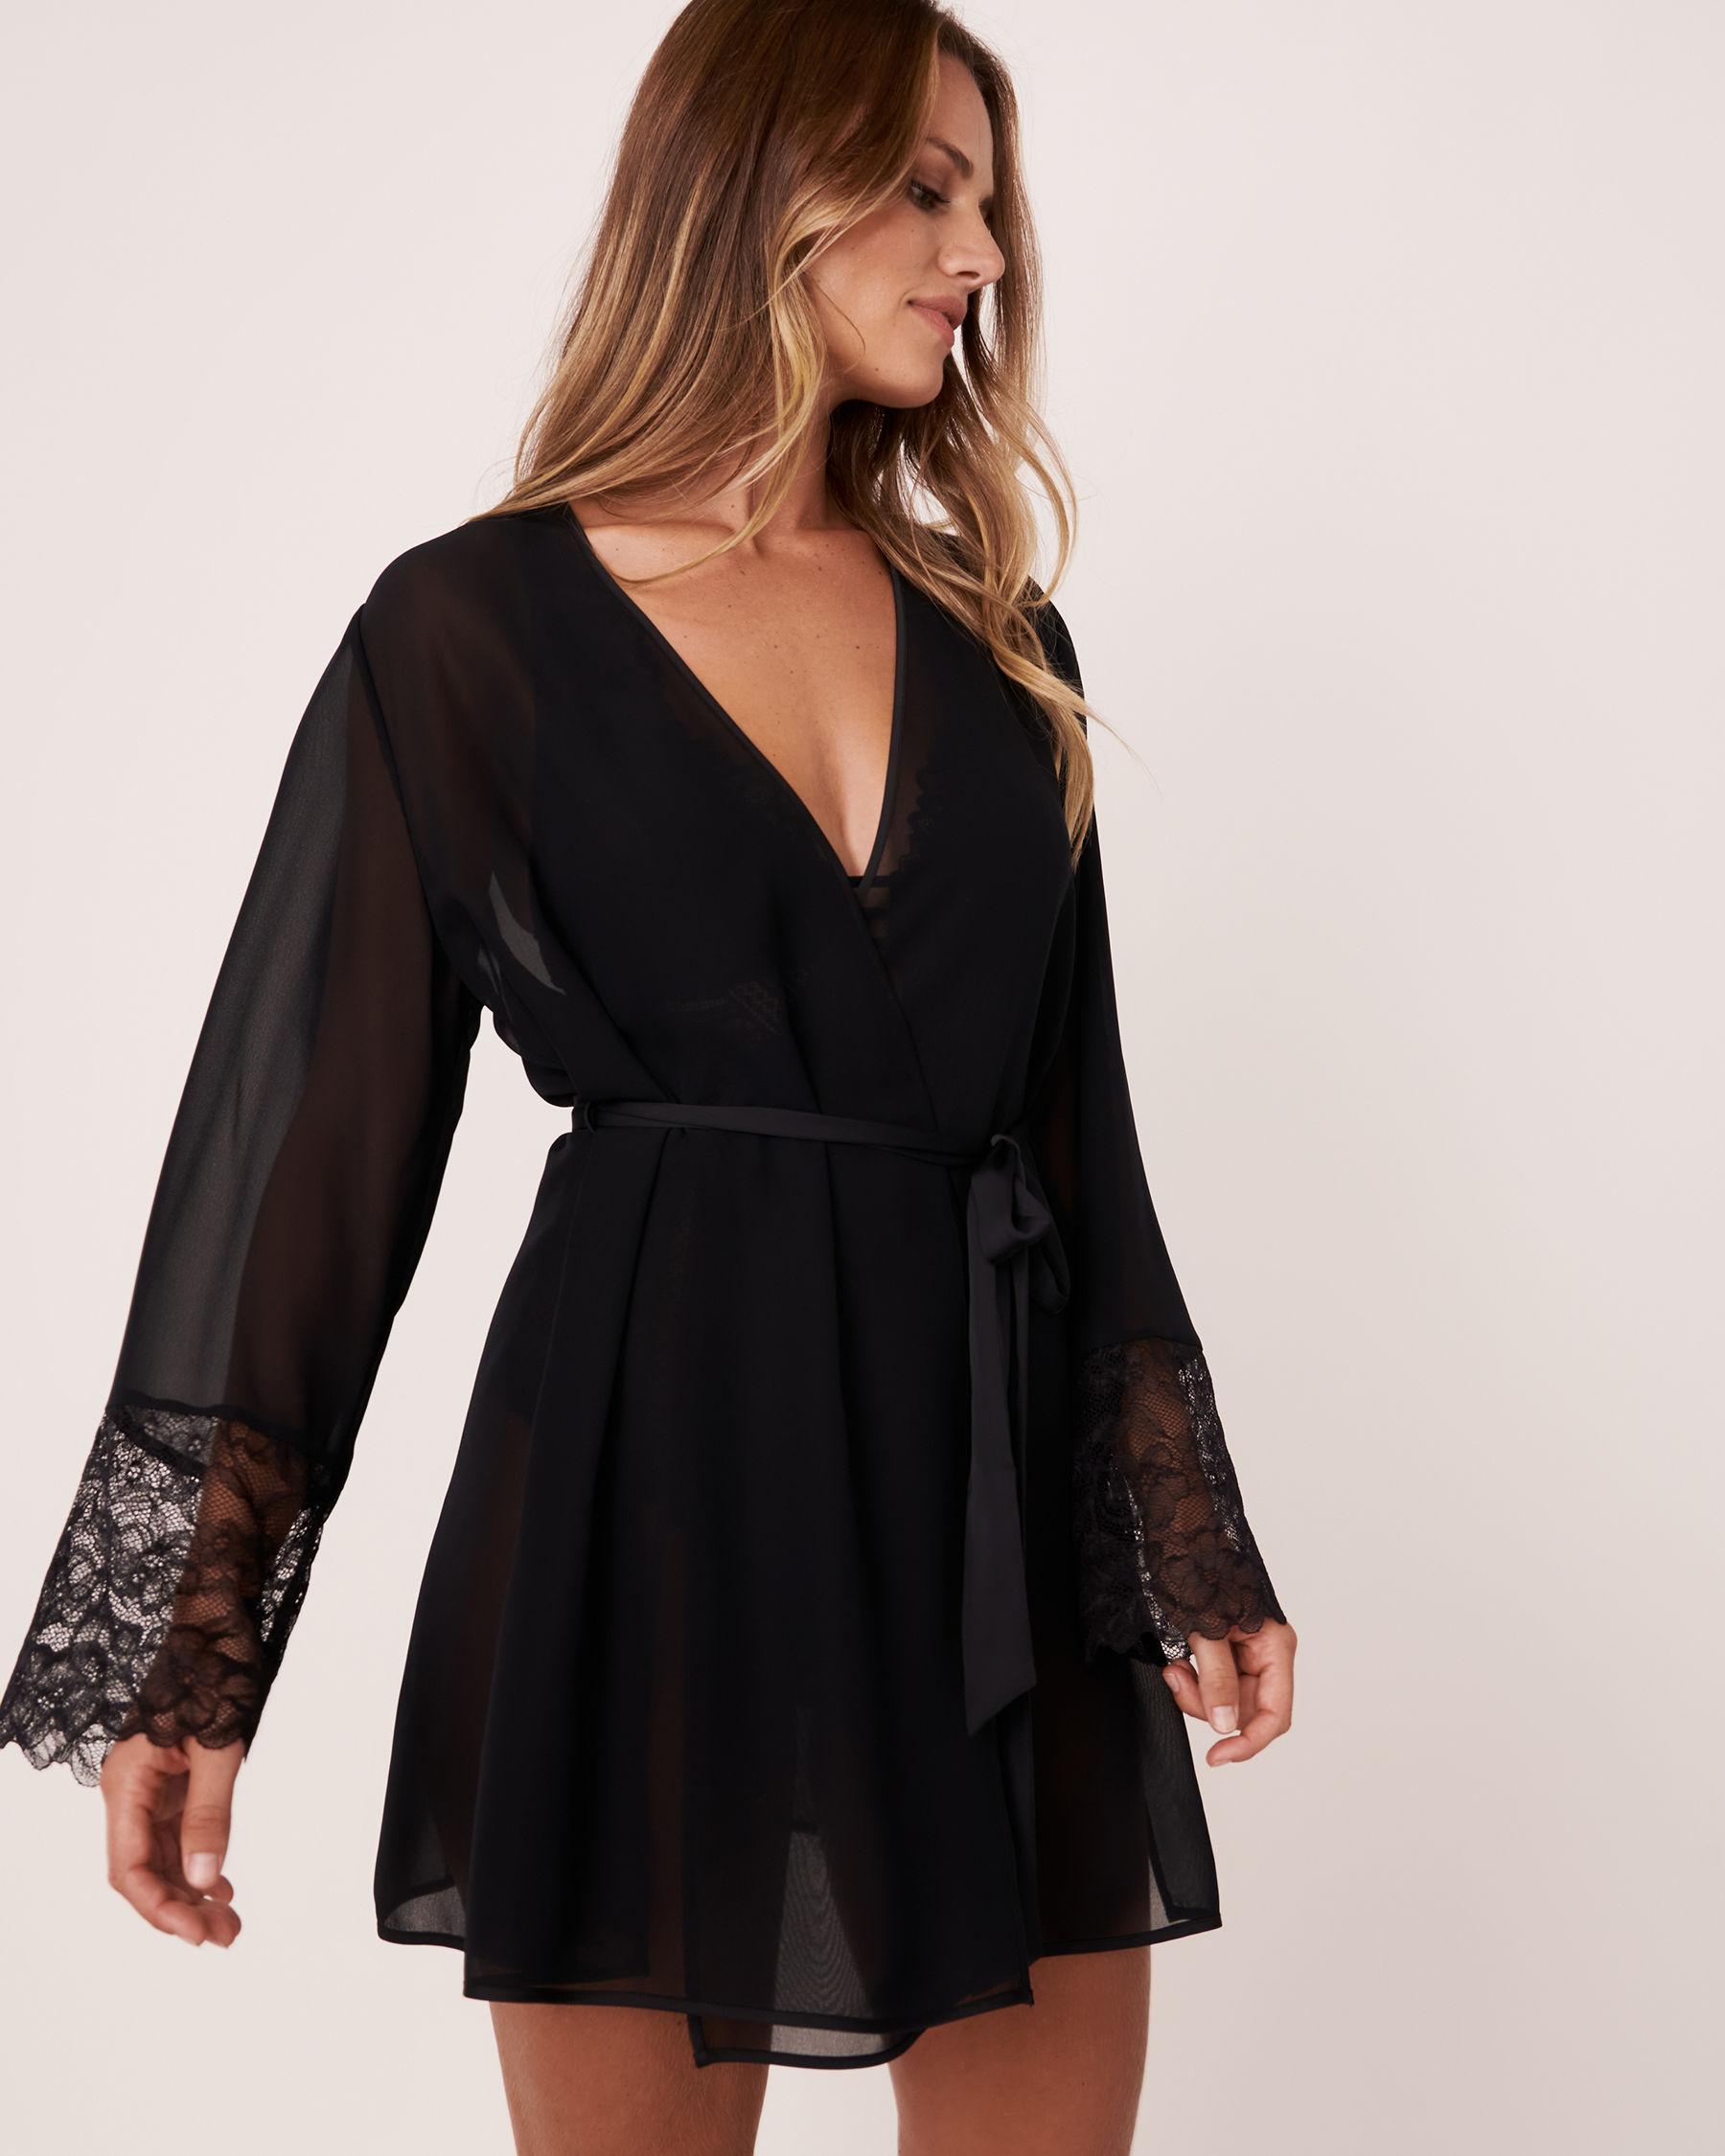 LA VIE EN ROSE Lace Trim Kimono Black 60600006 - View1